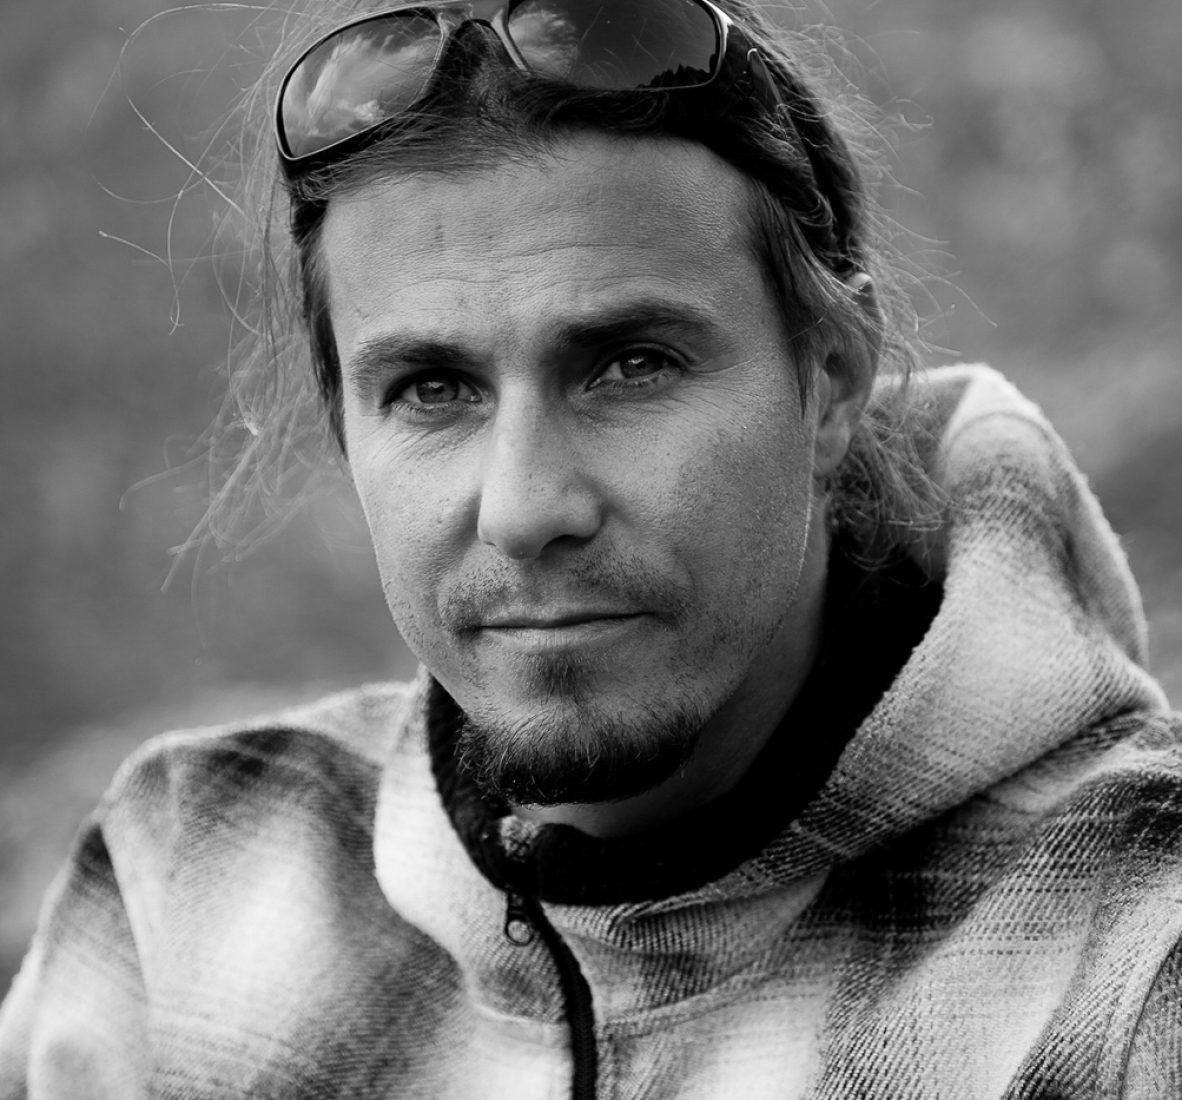 Markus Schwaiger ist Sportklettertrainer und -ausbilder, Zillertaler-Kletterführer-Autor und arbeitet beim ÖAV im Bereich Sportklettern.